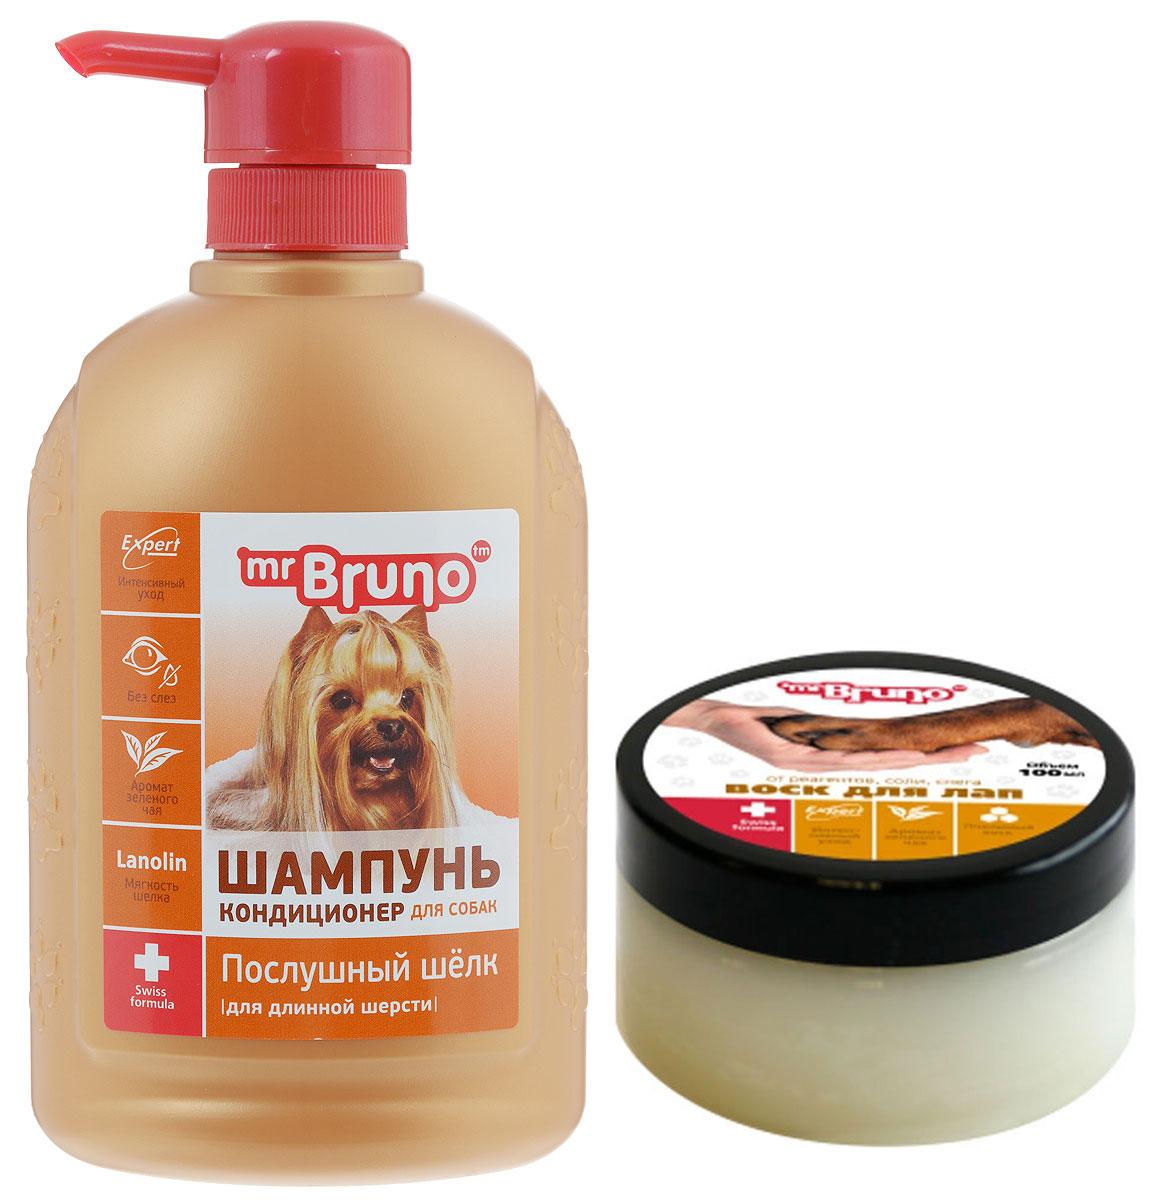 Набор для собак Mr. Bruno, шампунь-кондиционер, воск для лап гулена шампунь для лап